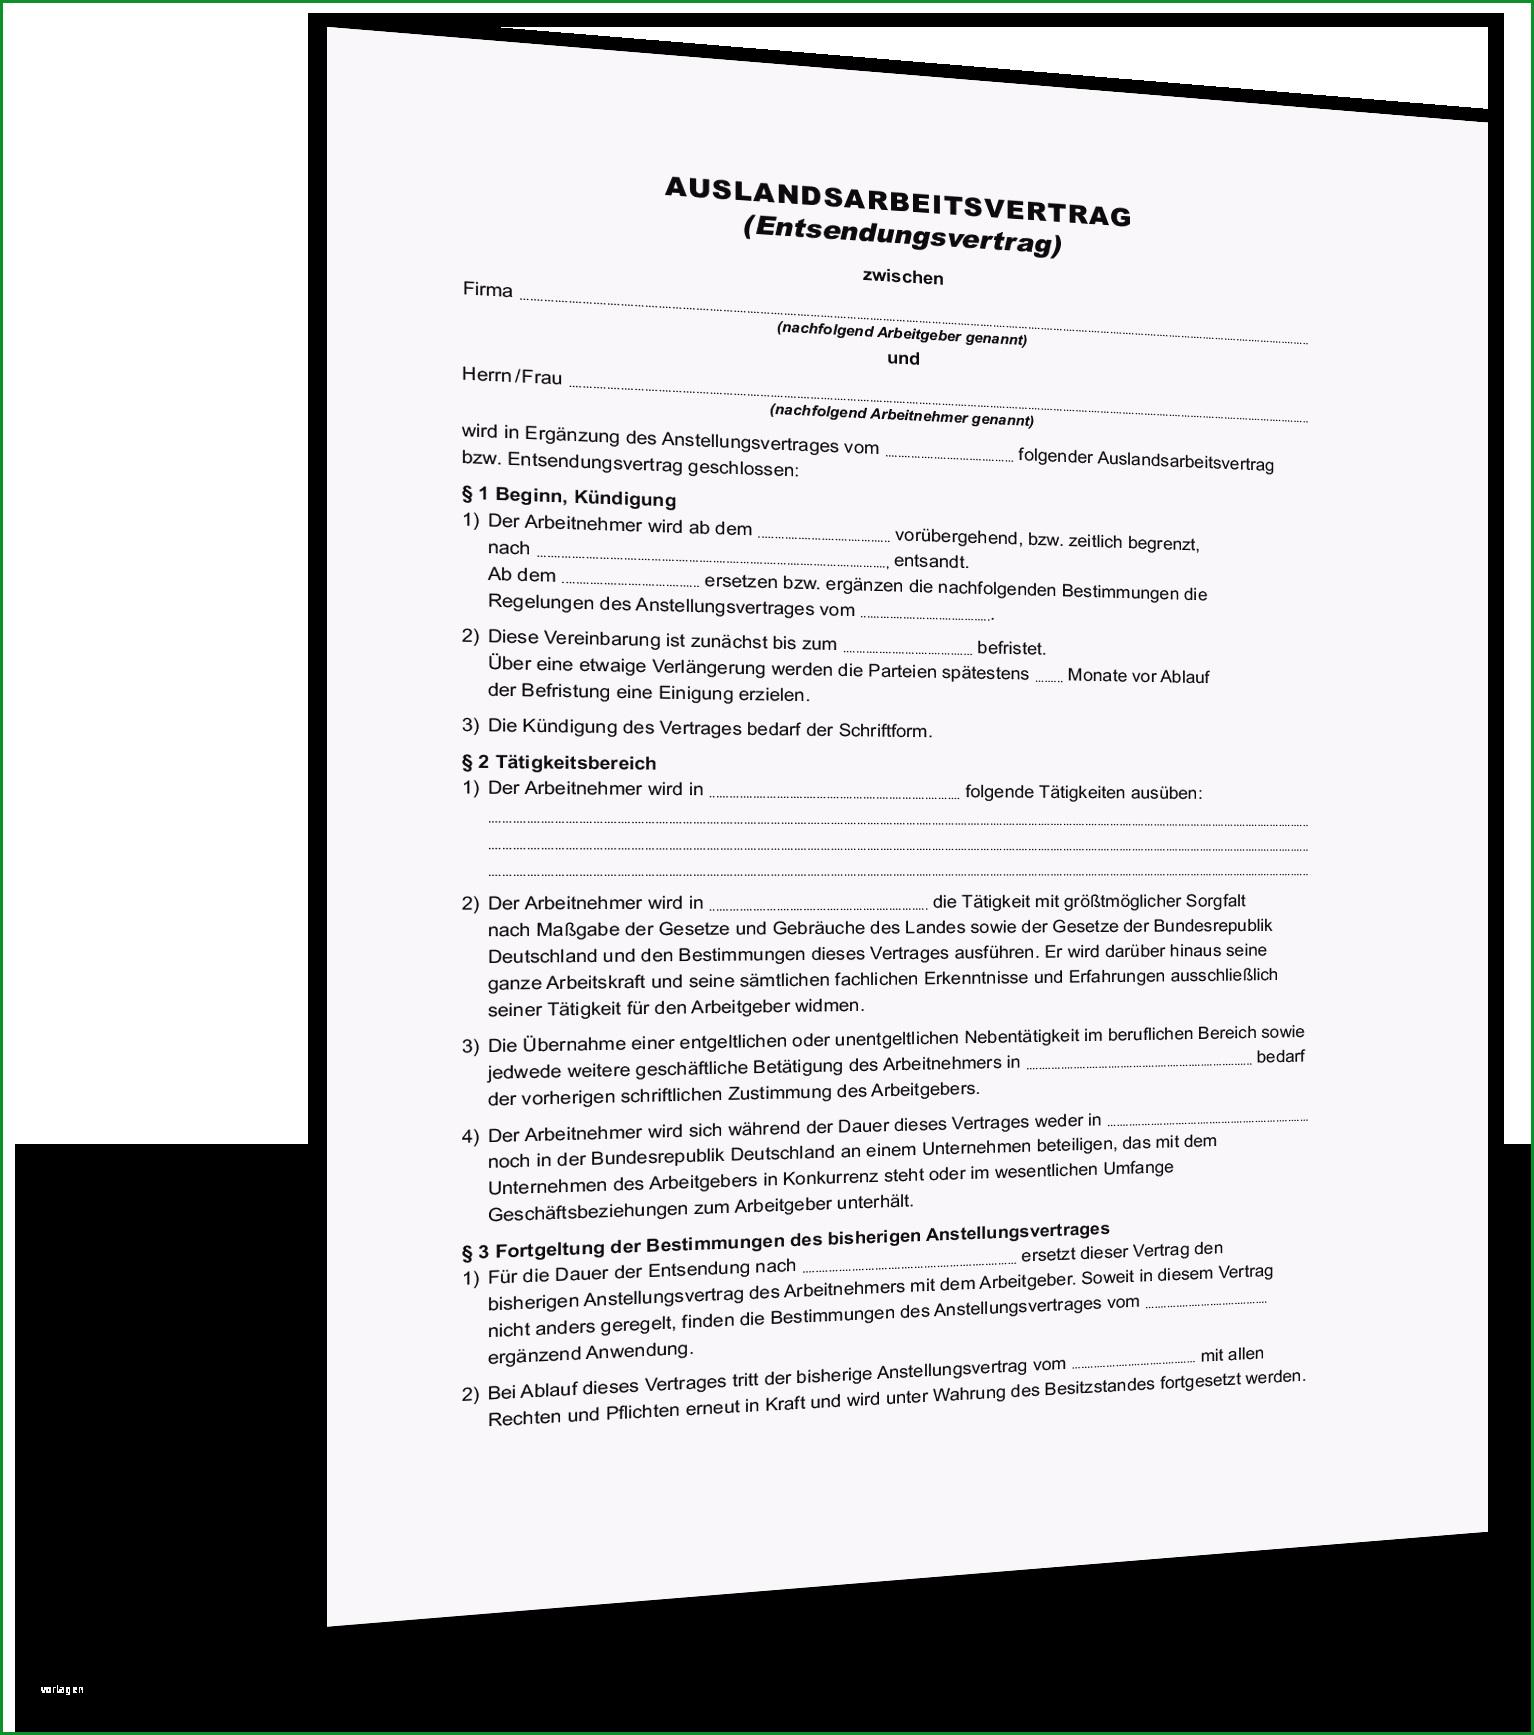 auslandsarbeitsvertrag entsendevertrag